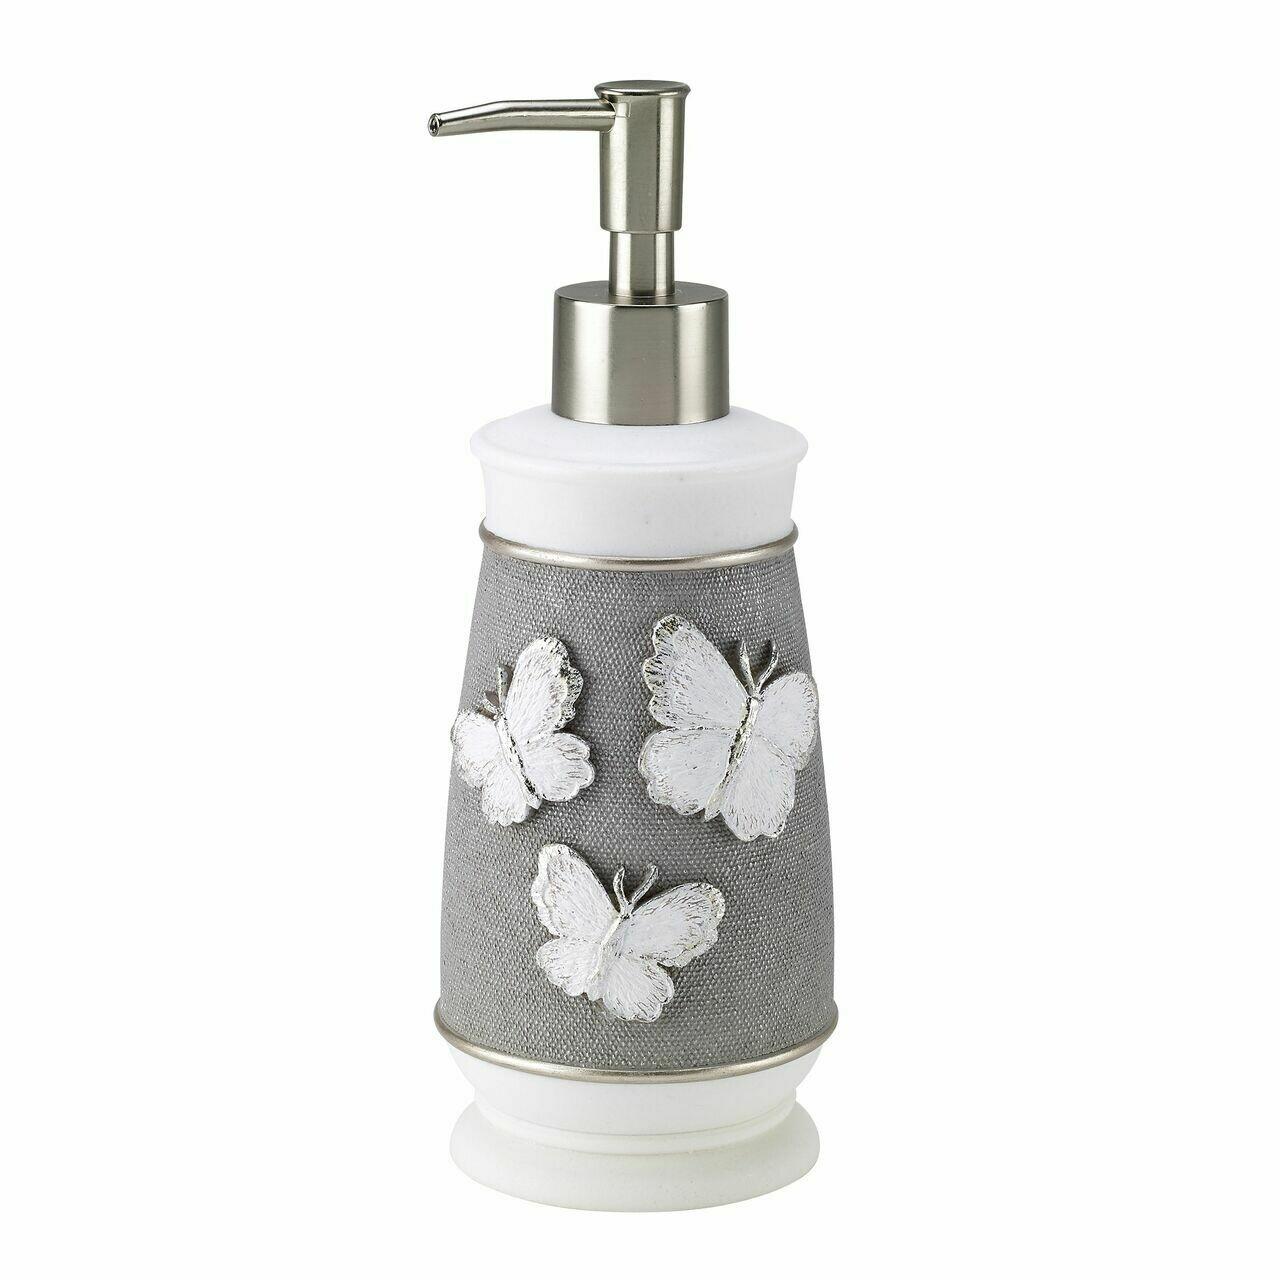 Yara Soap Dispenser